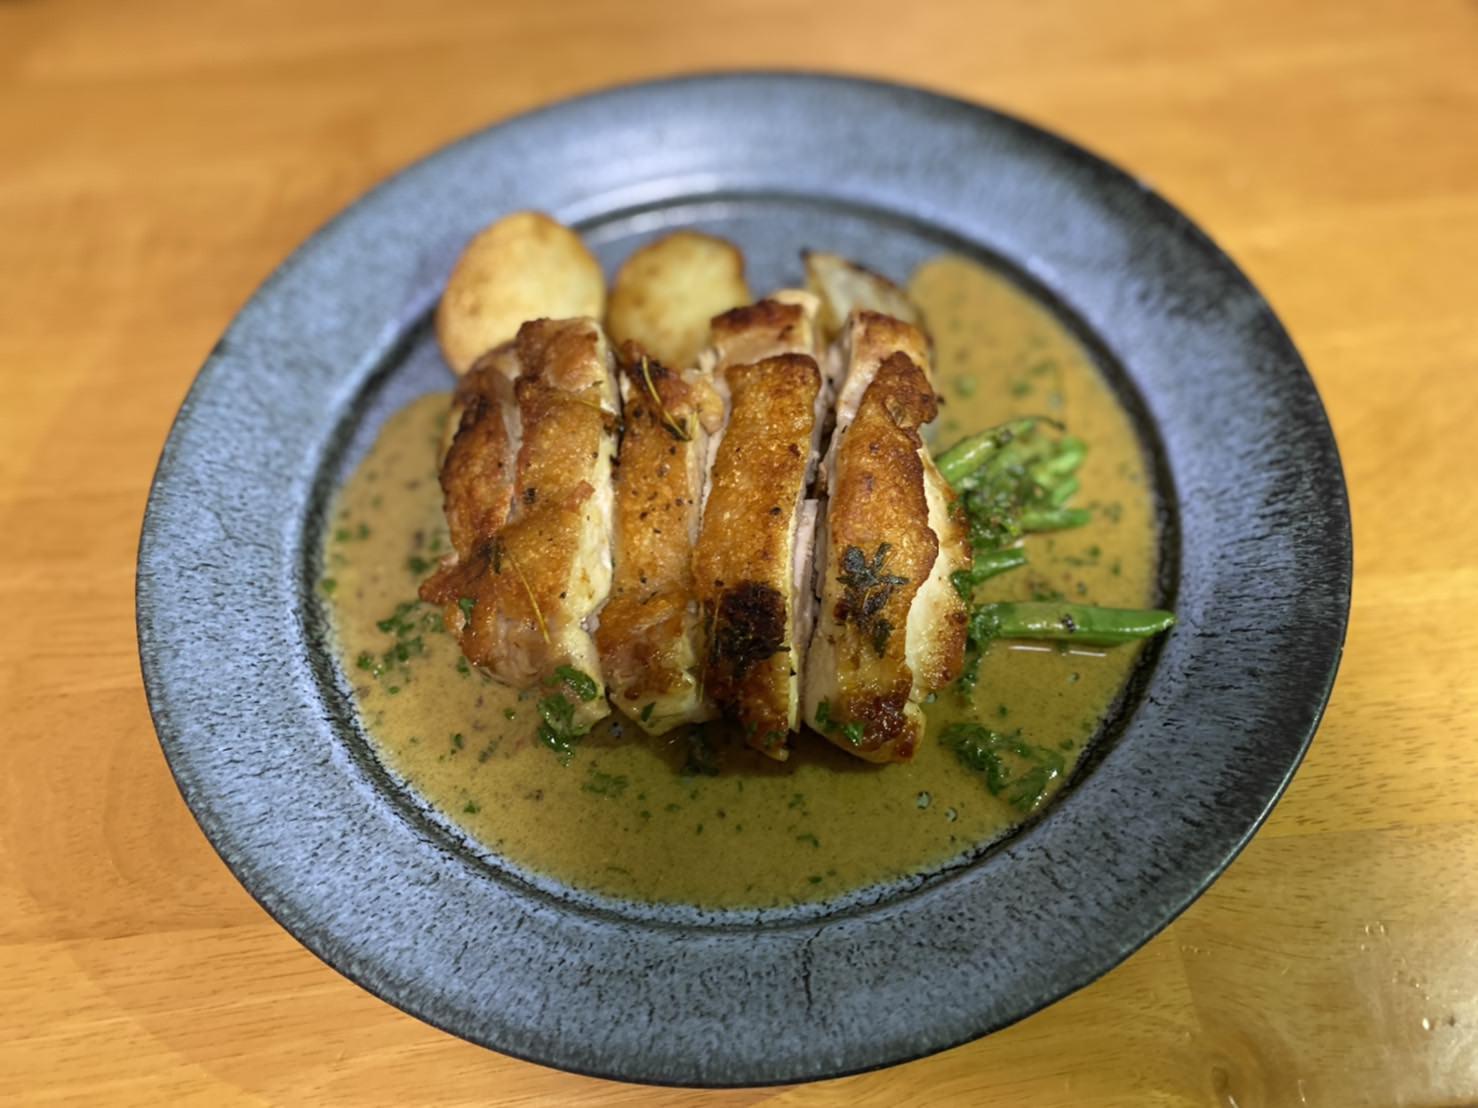 鶏ももステーキマスタードレモンソース レンジで簡単新玉ねぎのロースト風の盛り付け完成画像です